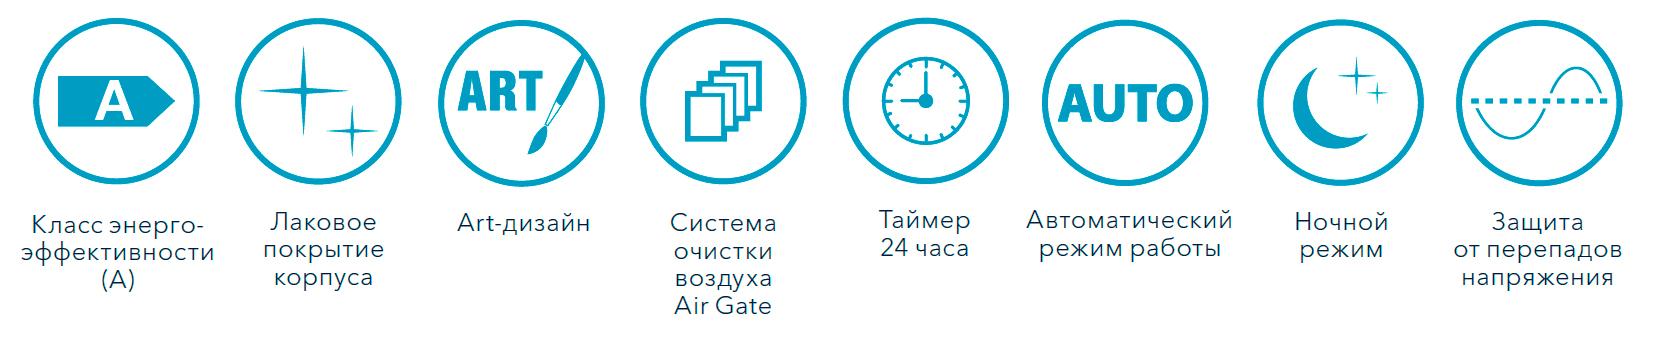 Функции и основные особенности кондиционера Electrolux EACS-09HG-B/N3 серии Air Gate